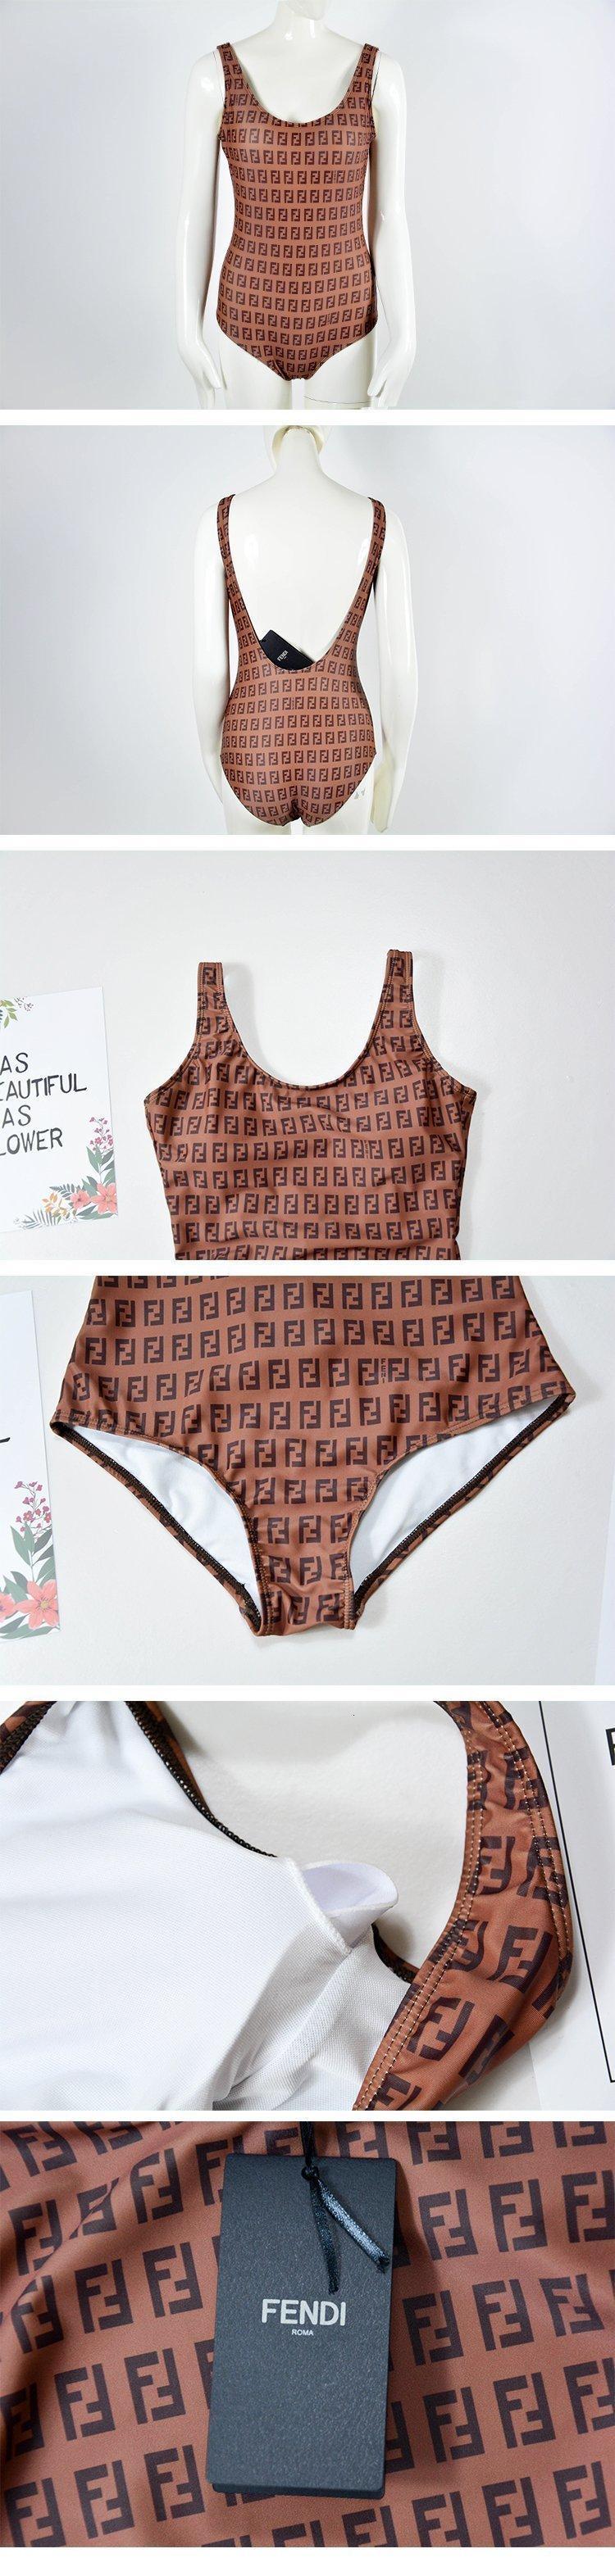 novos chegada qualidade superior de 2020 mulheres de impressão Swimsuit sexty swimwear Bikini 191127-3728 # * 6655